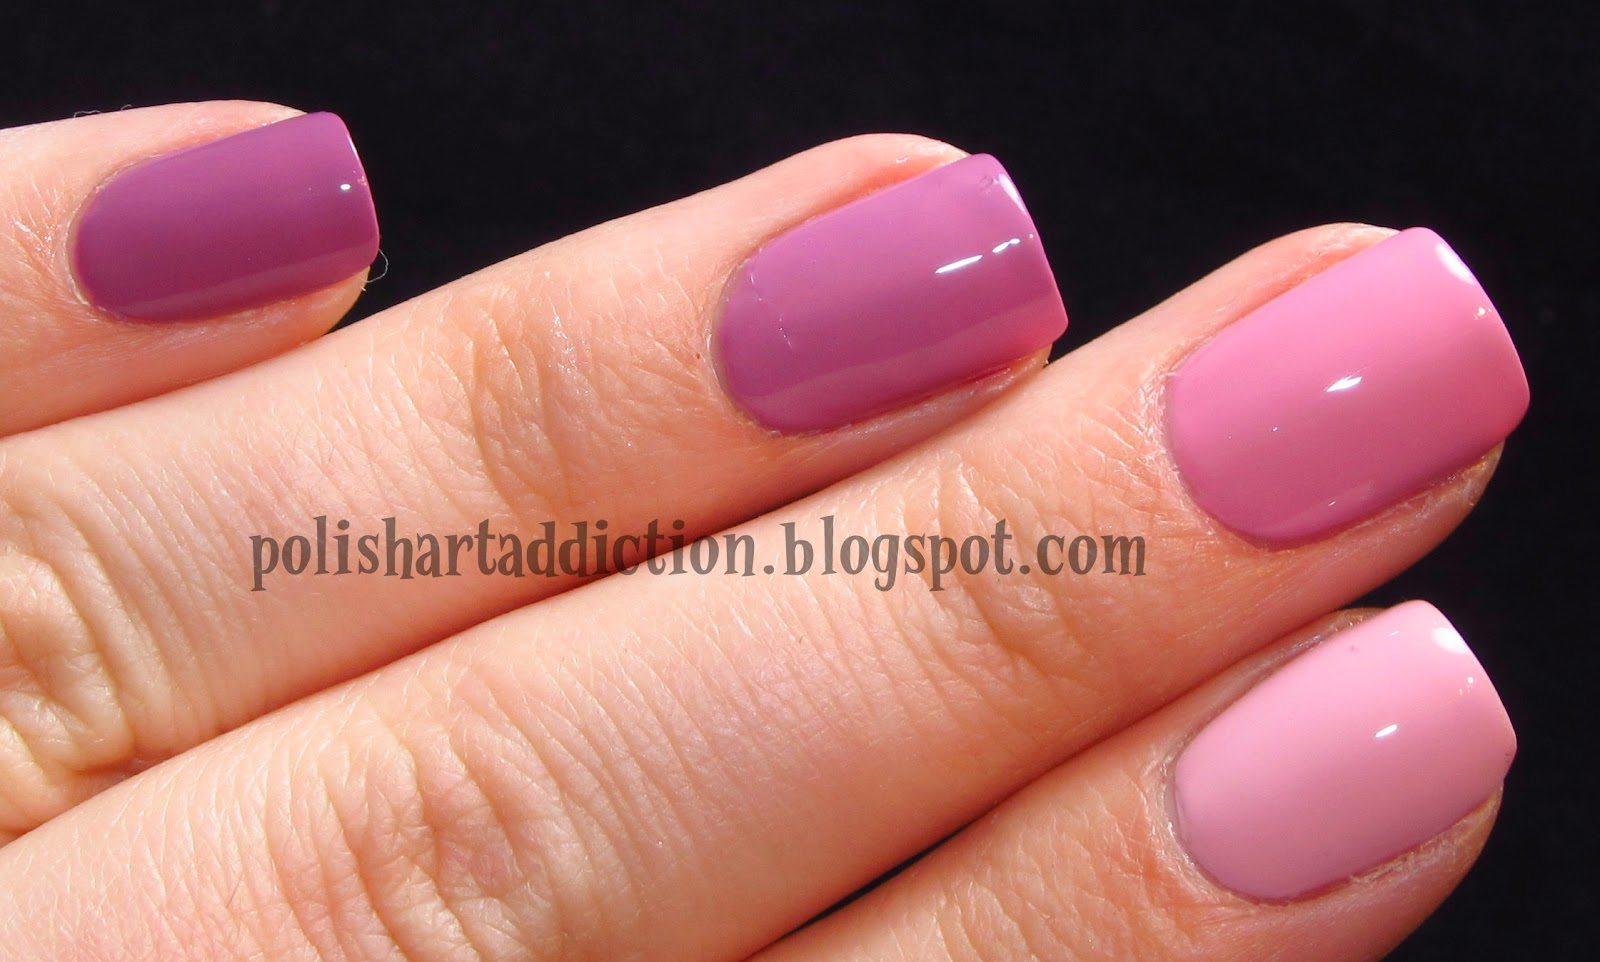 Nail art pens in dubai also nail art addiction along with nail art